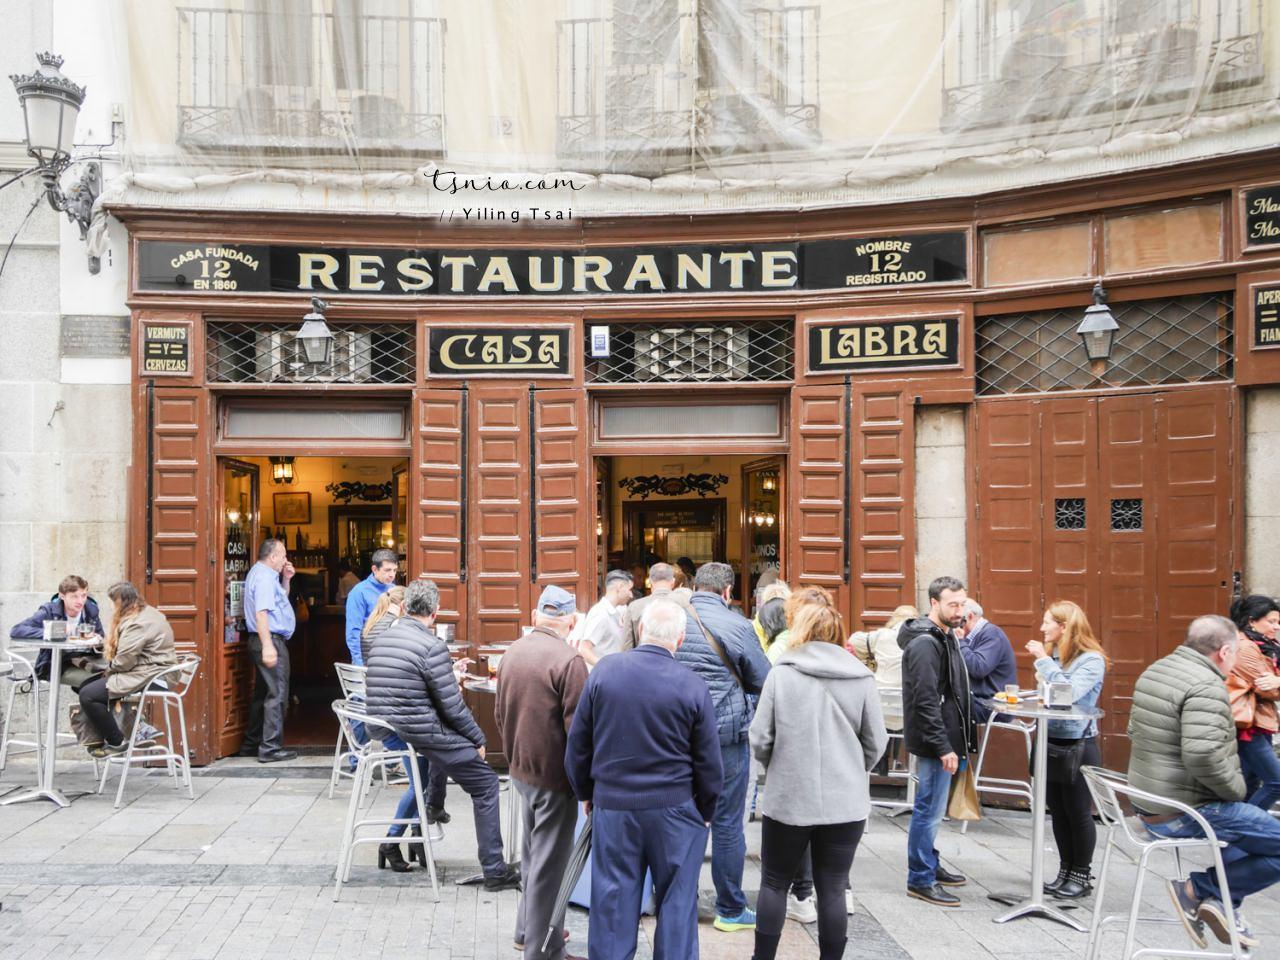 西班牙馬德里美食推薦 馬德里必吃餐廳總整理